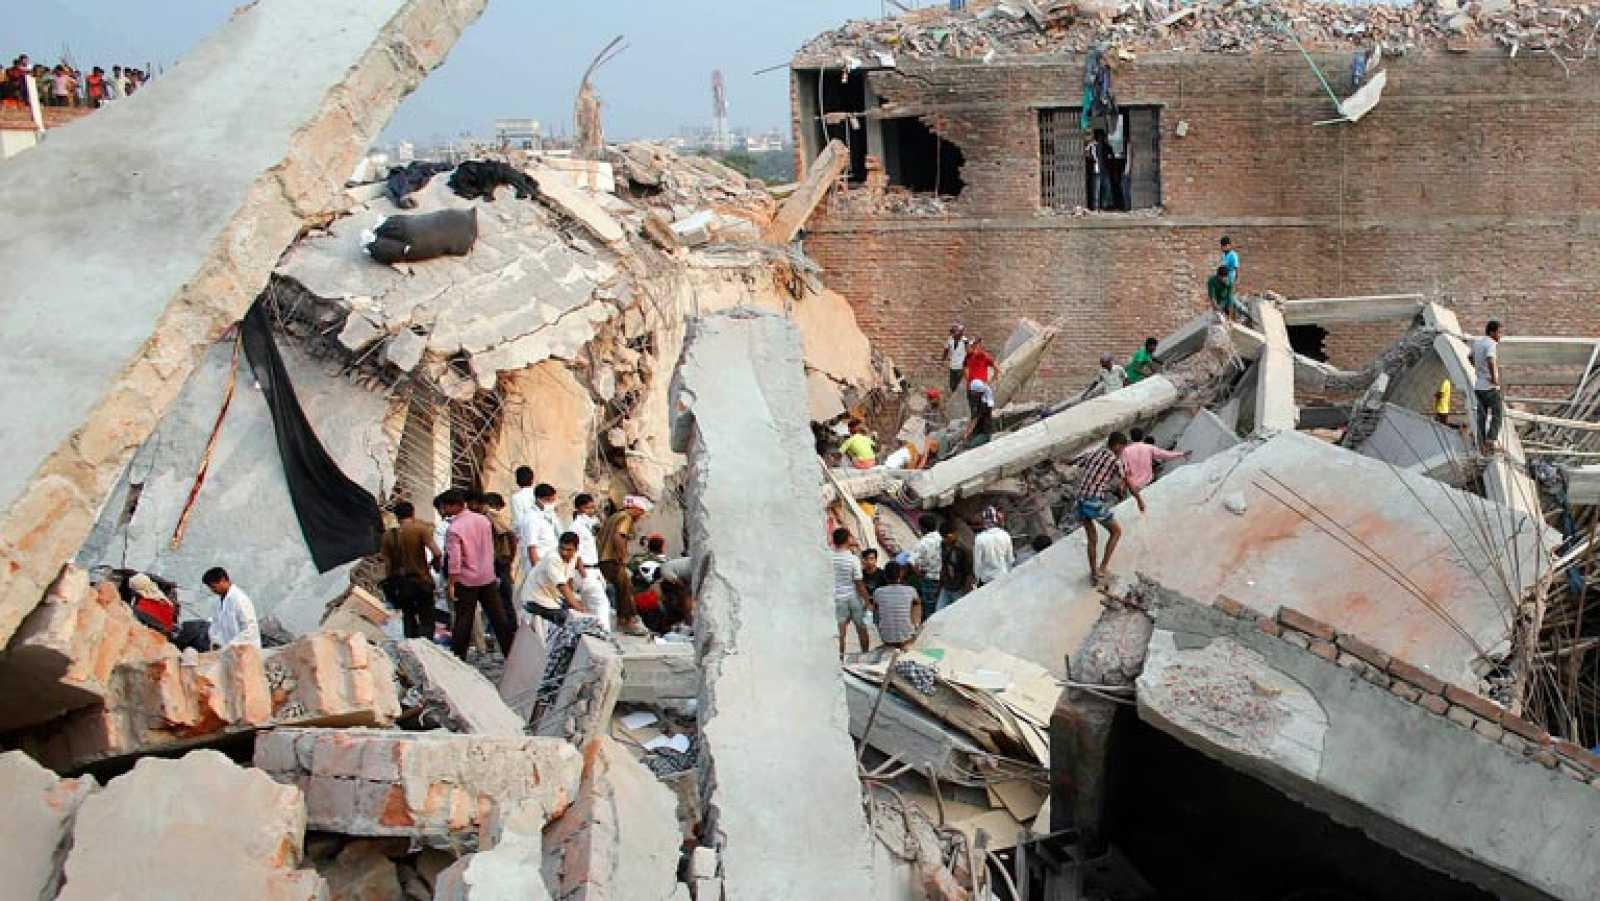 Mueren 4 niños y una mujer tras derrumbe de edificio en la India